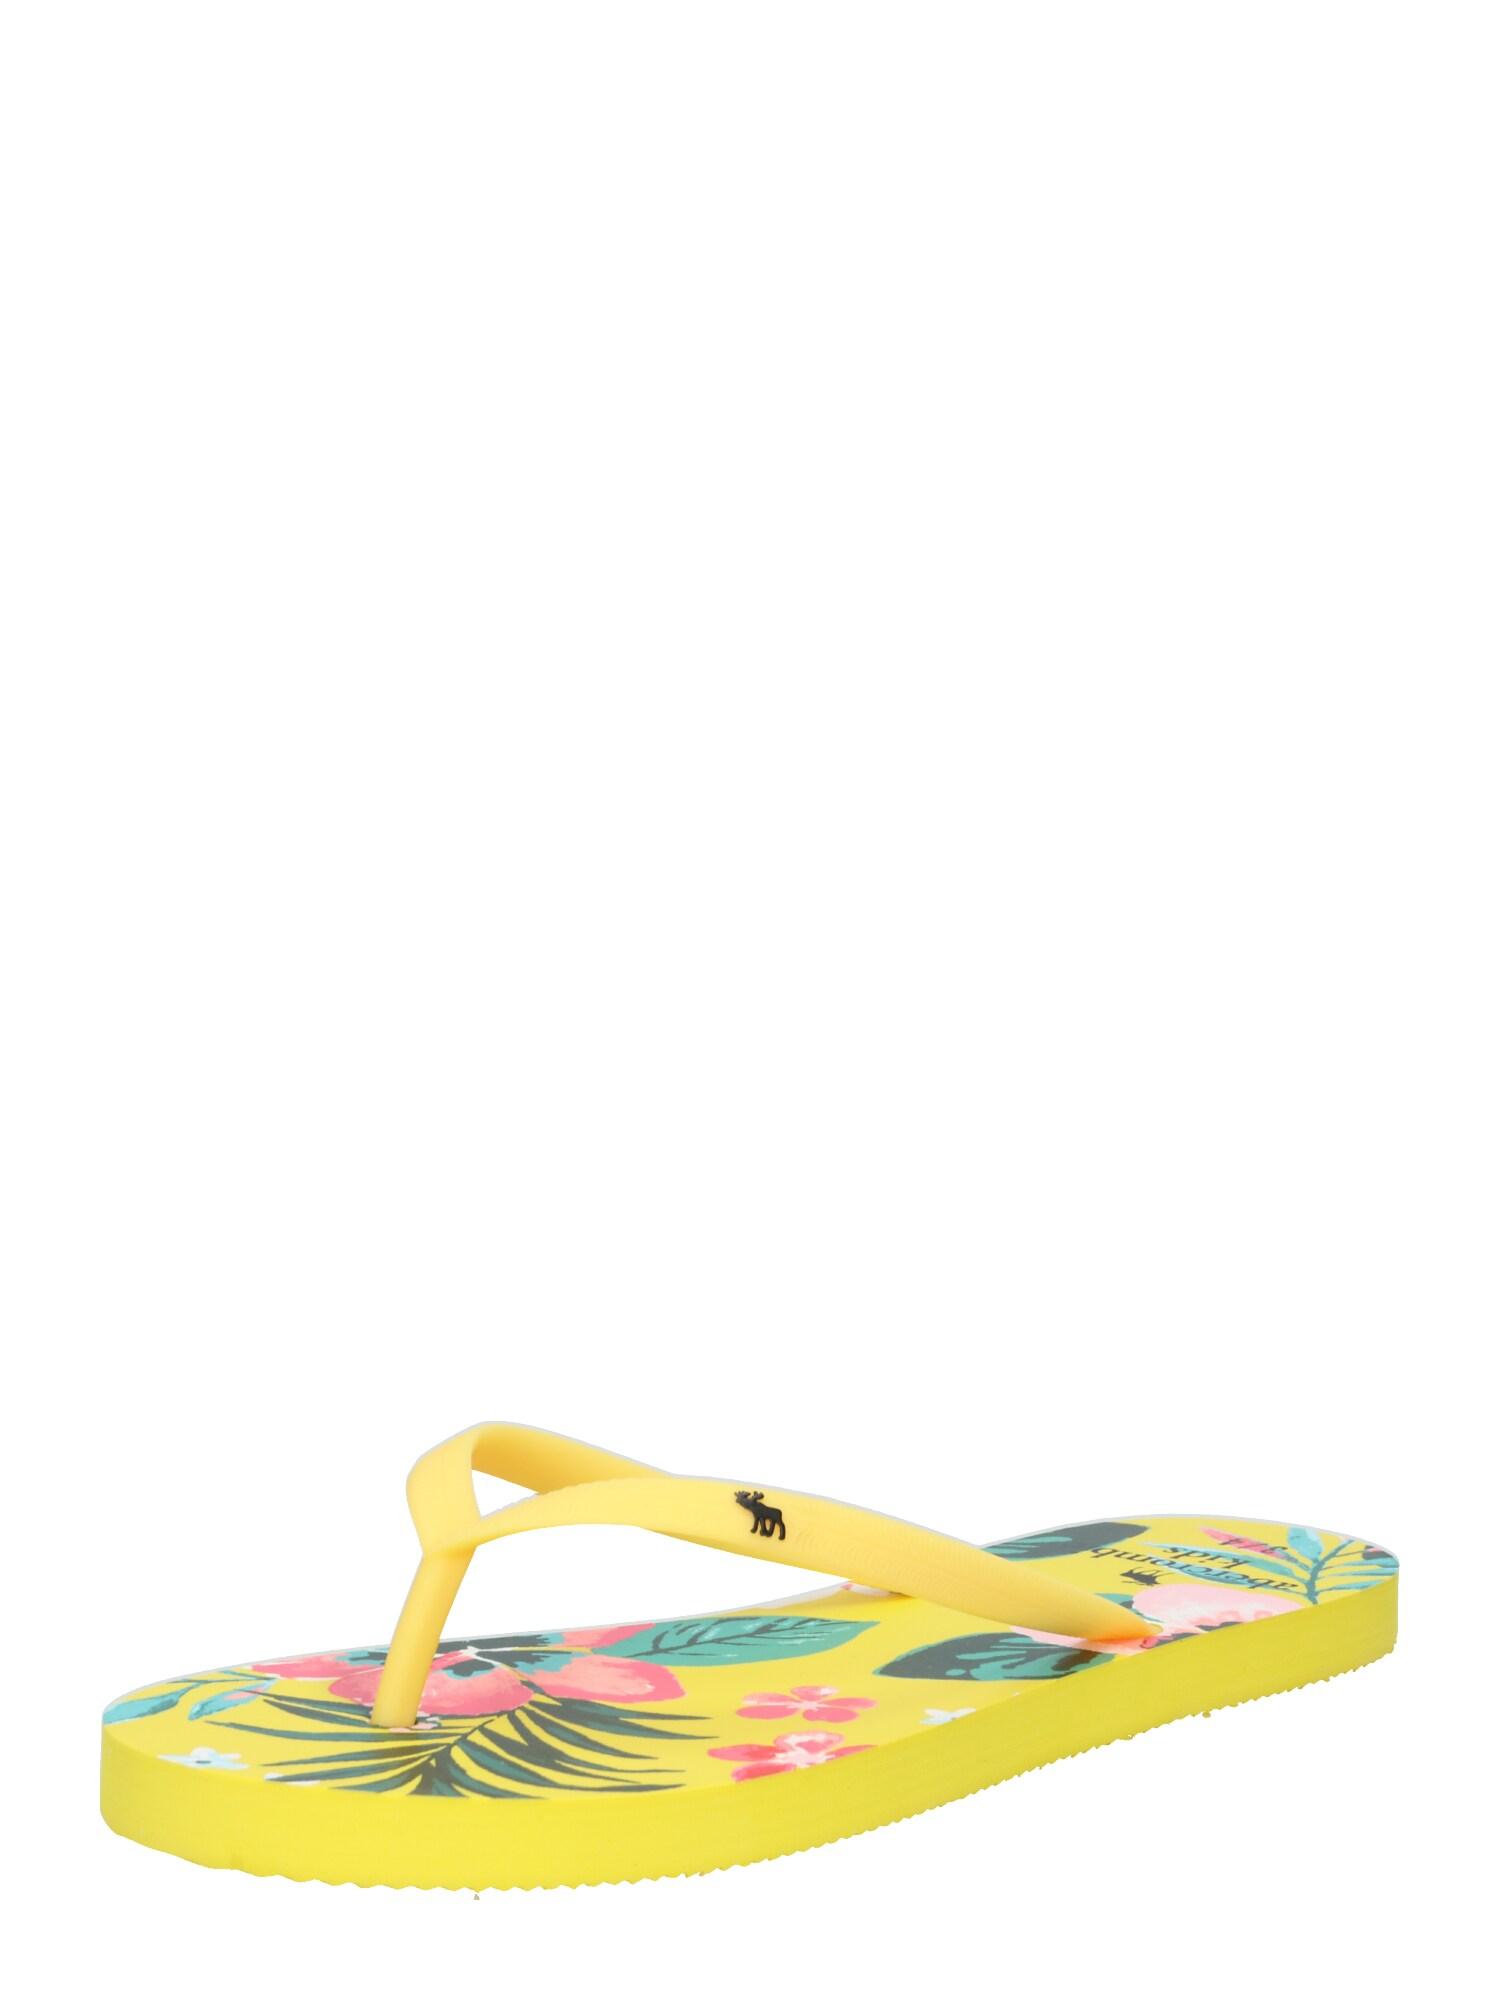 Sandály žlutá mix barev Abercrombie & Fitch